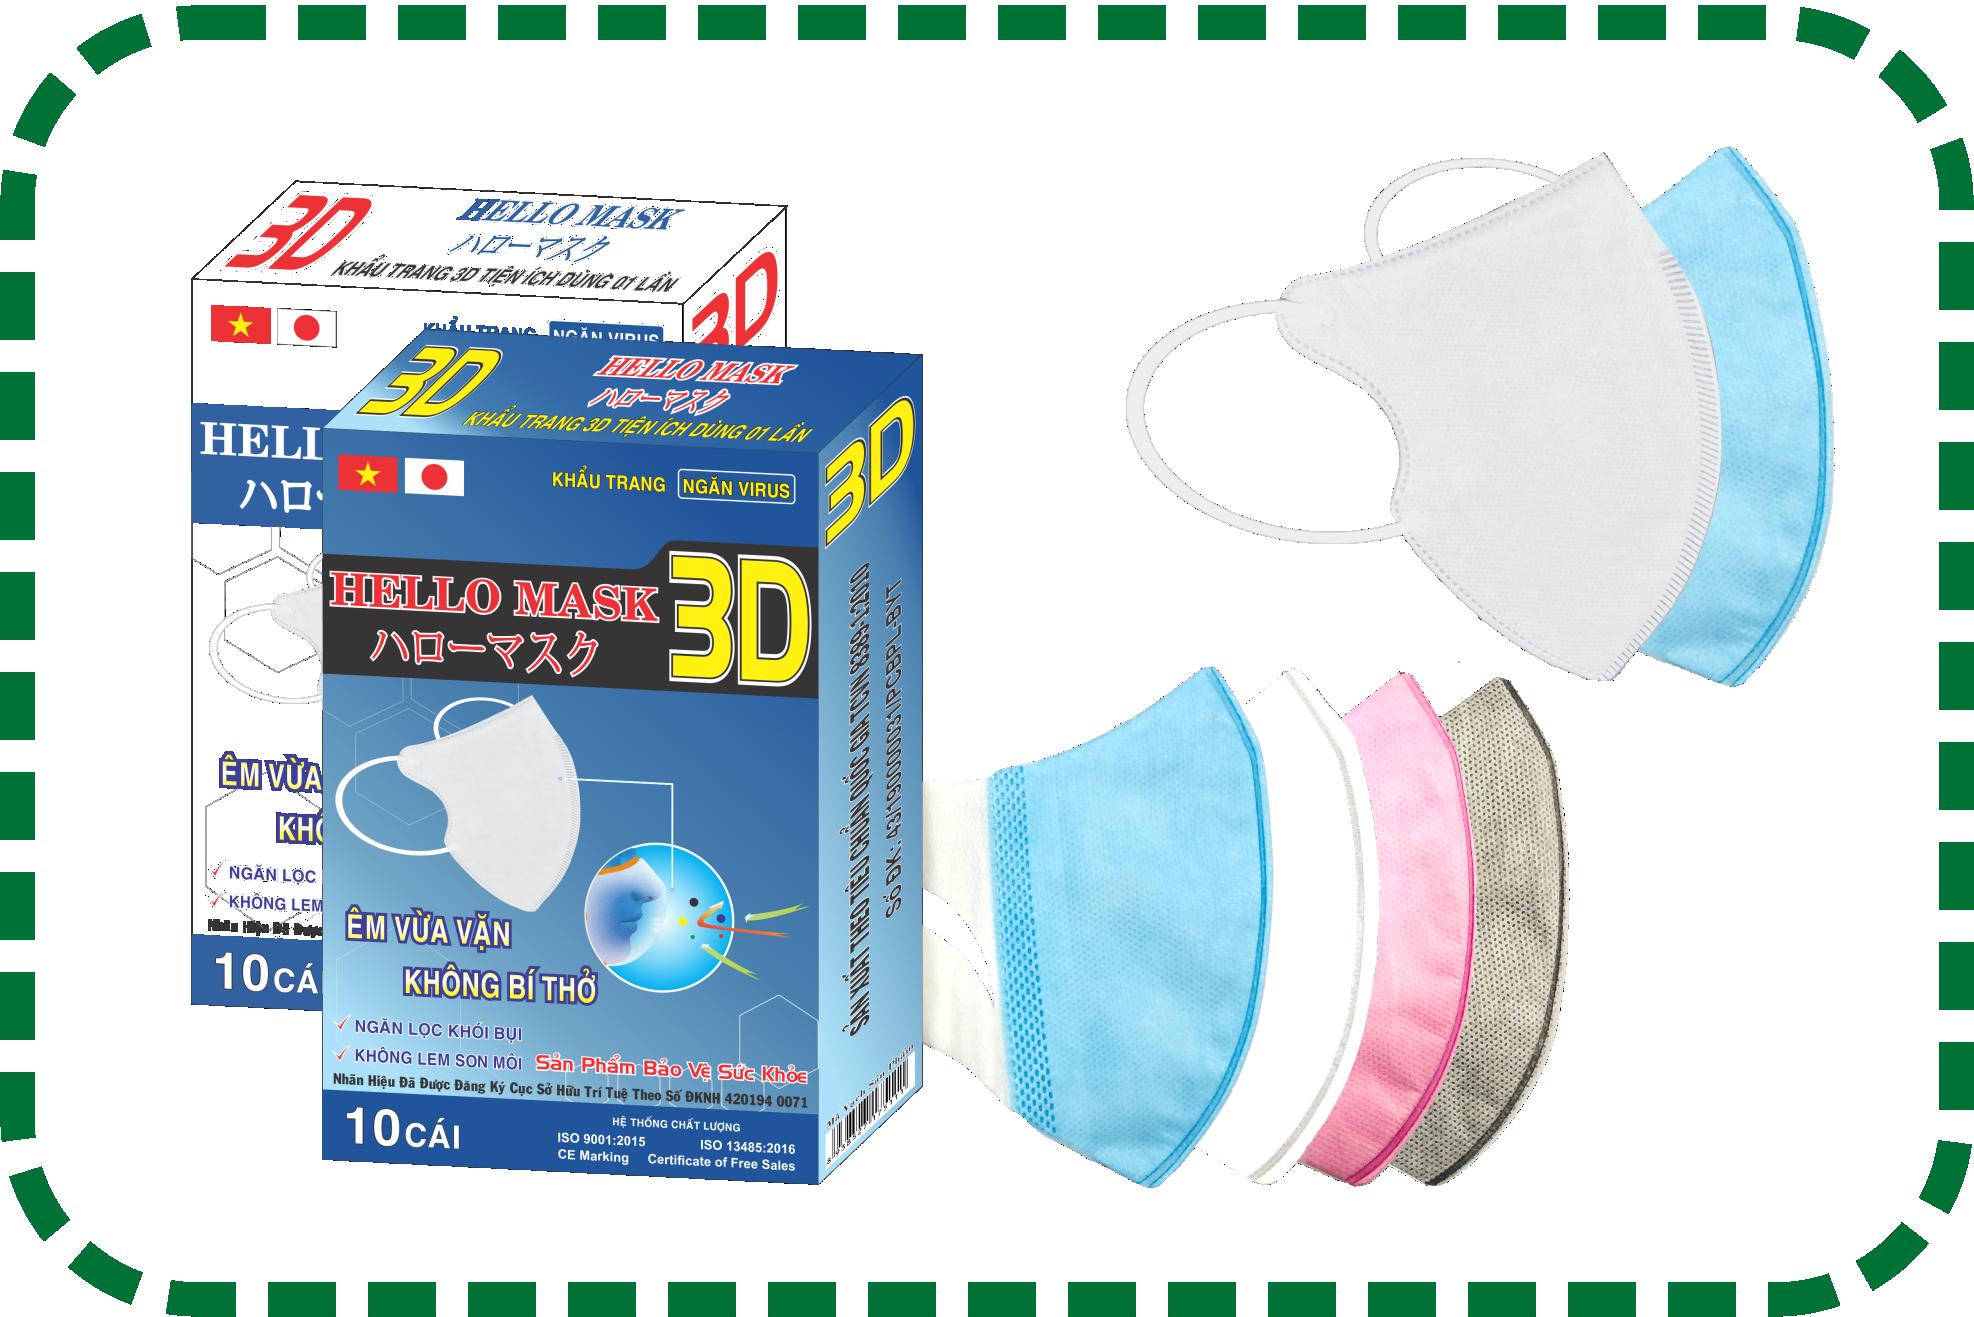 Khẩu Trang 3D Hello Mask - Japan